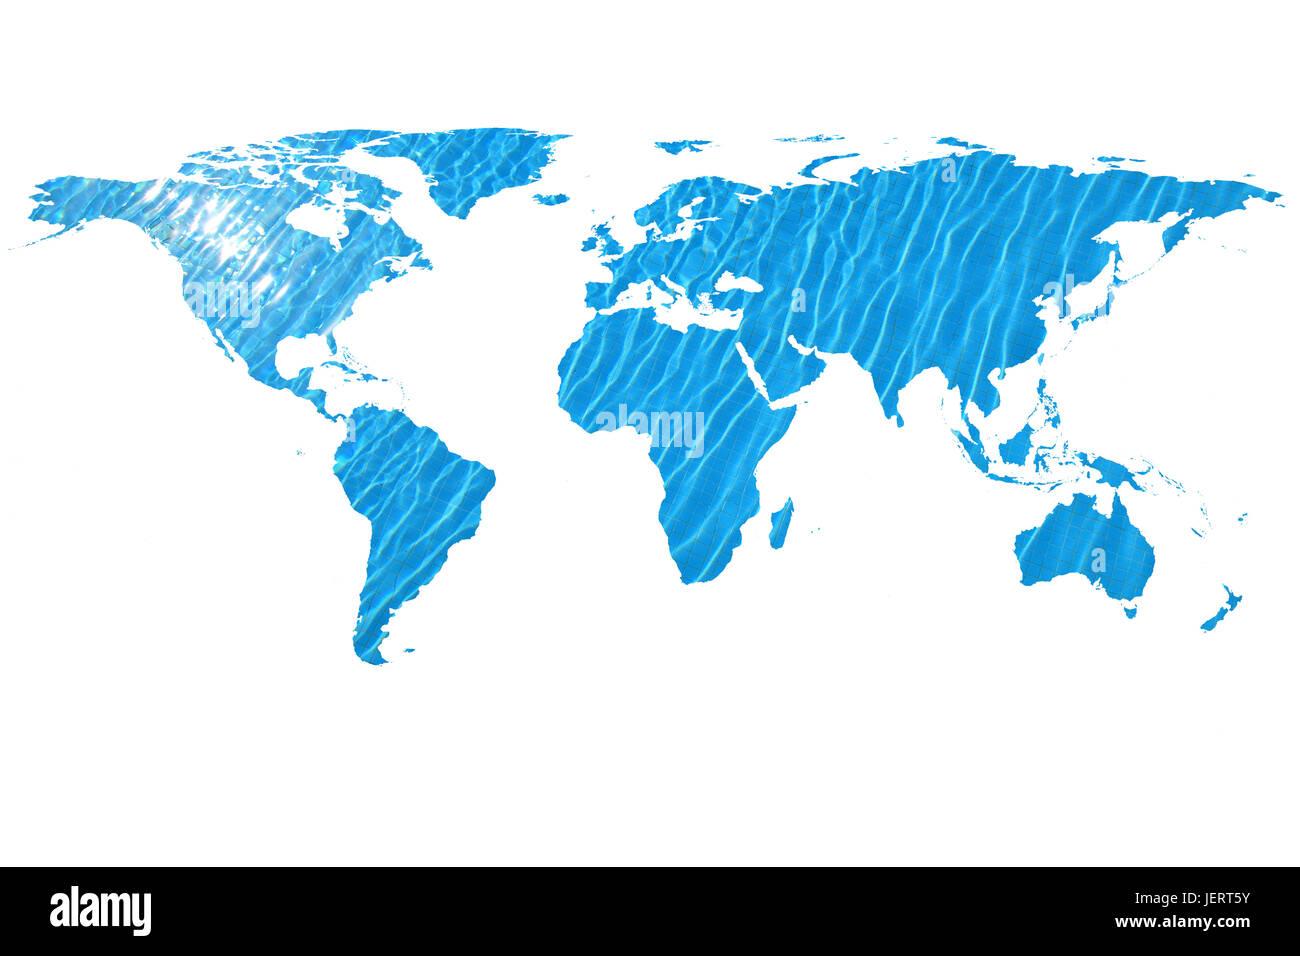 Image conceptuelle d'une carte du monde et de l'eau. Télévision de la NASA carte du monde libre Photo Stock